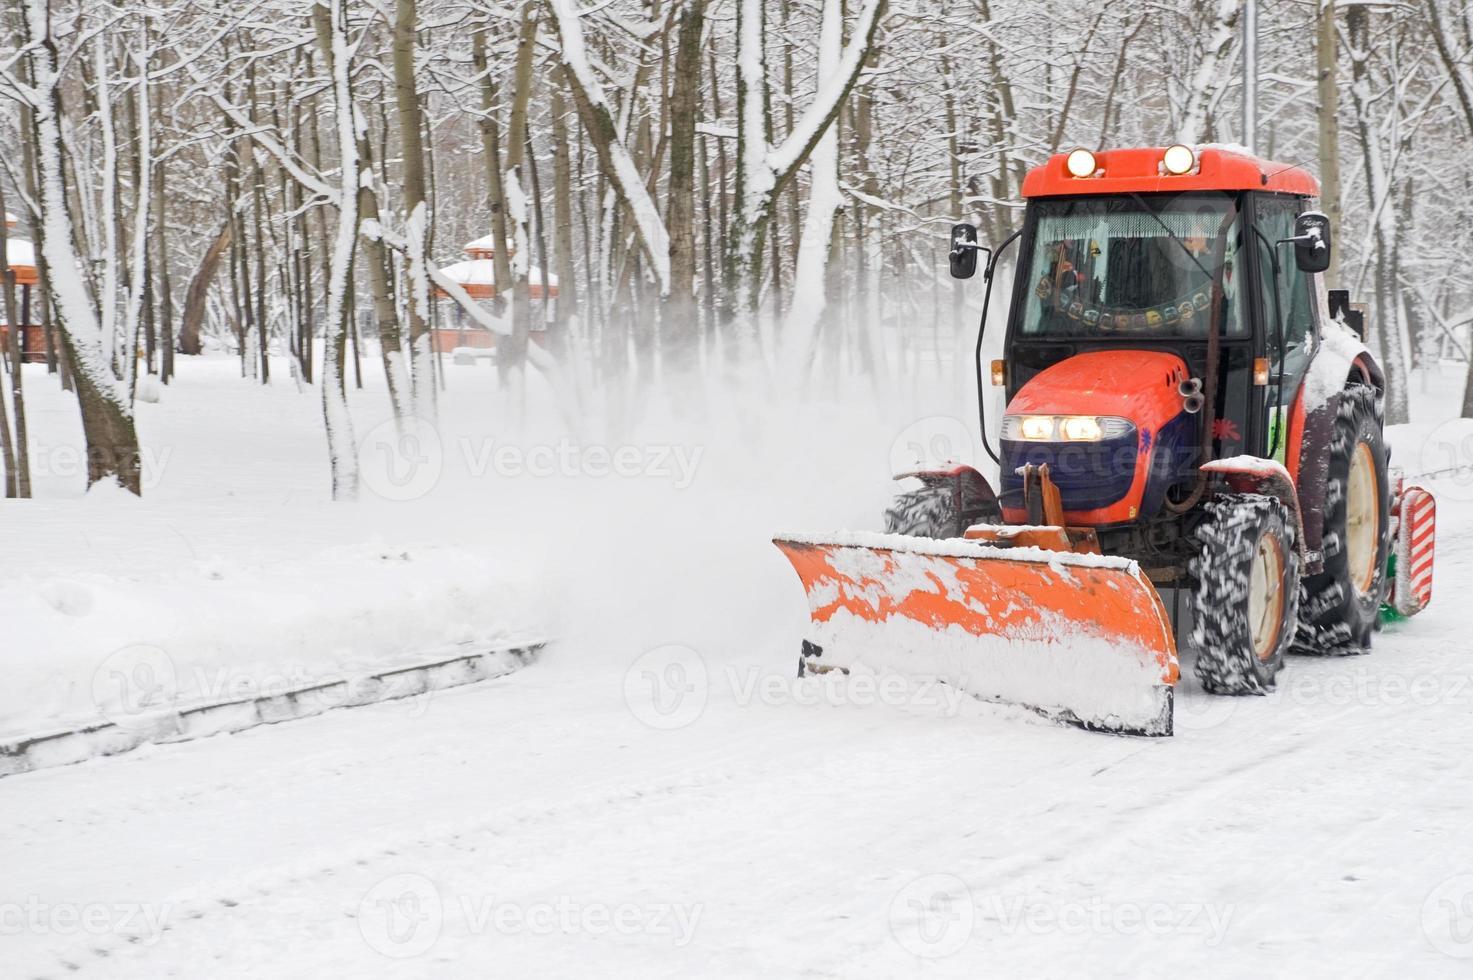 Winter Schneeräumung ein kleiner Traktor foto